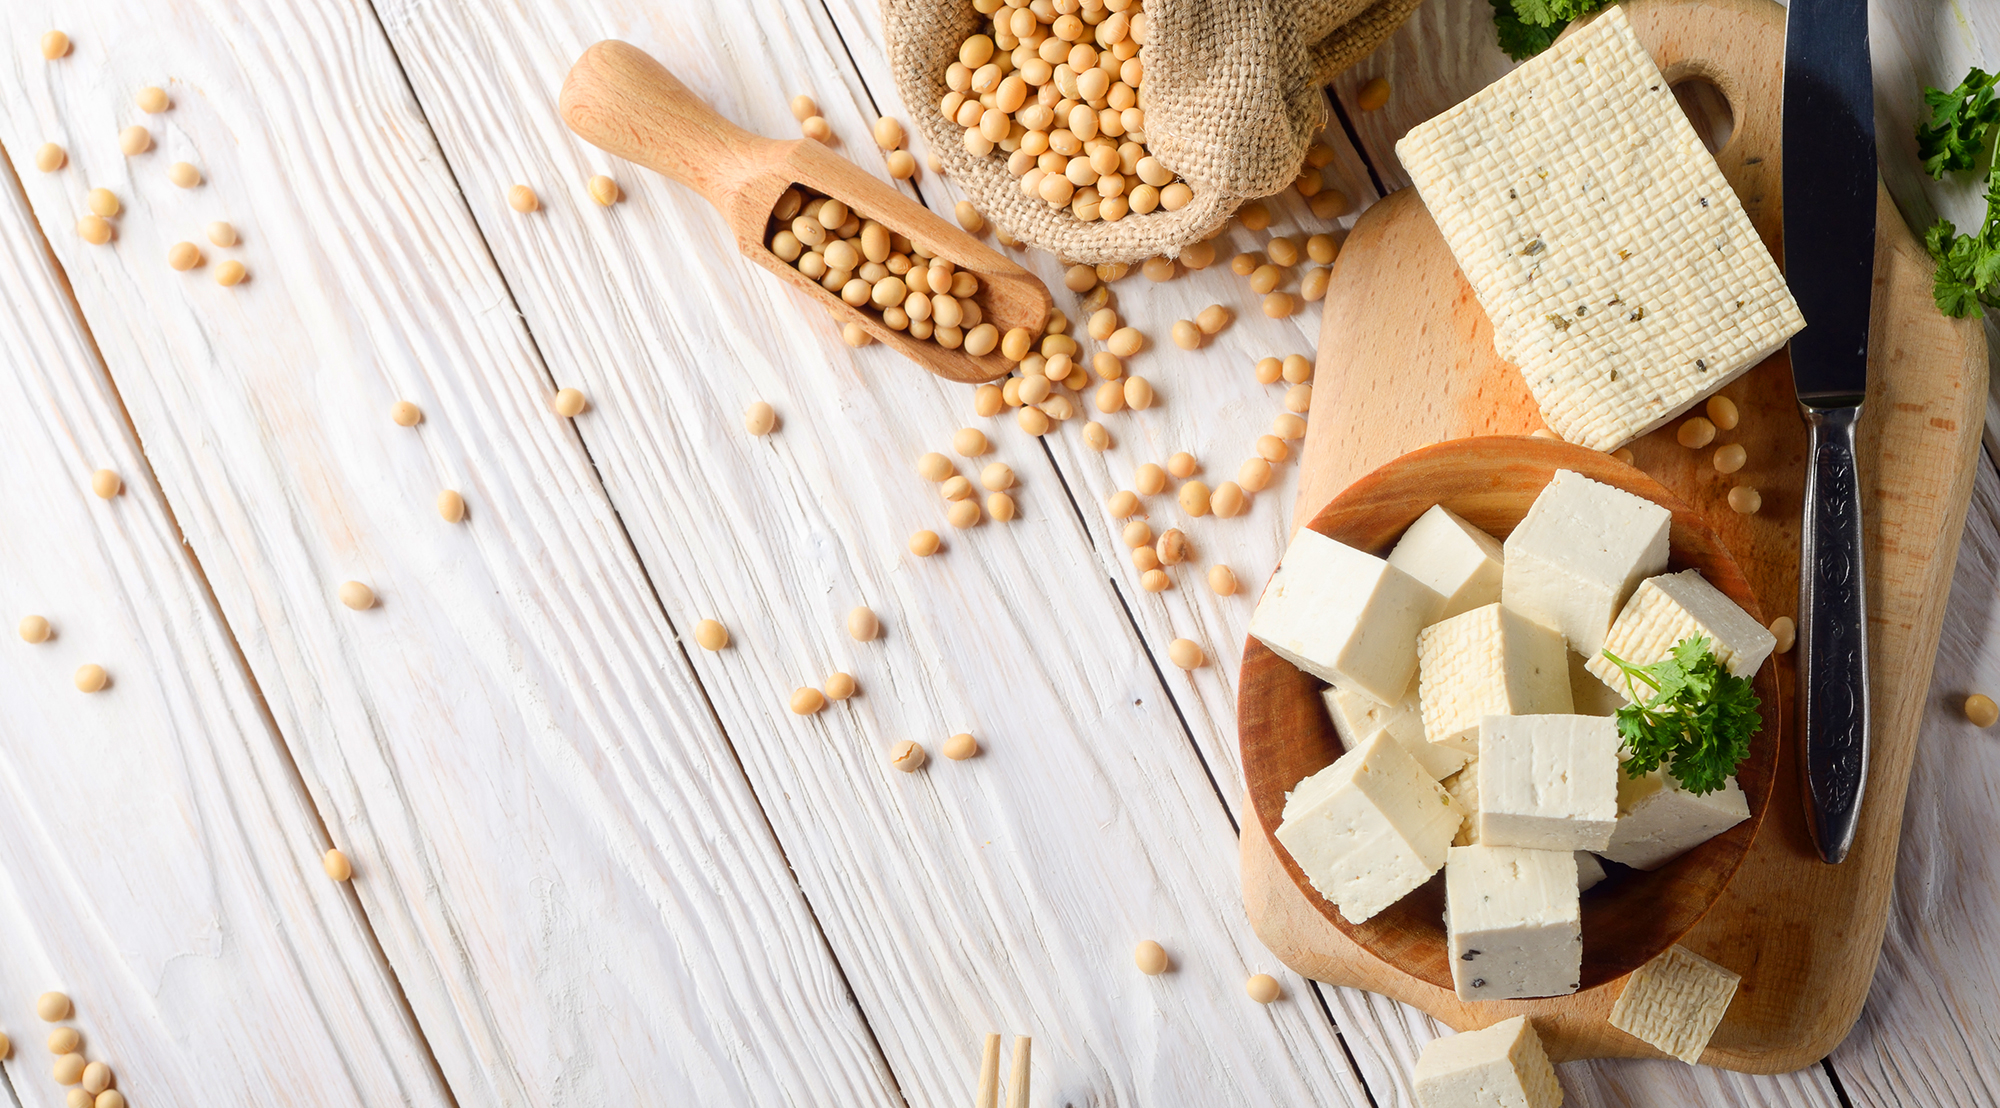 Soia, proprietà nutritive, valori nutrizionali, benefici per la salute e controindicazioni